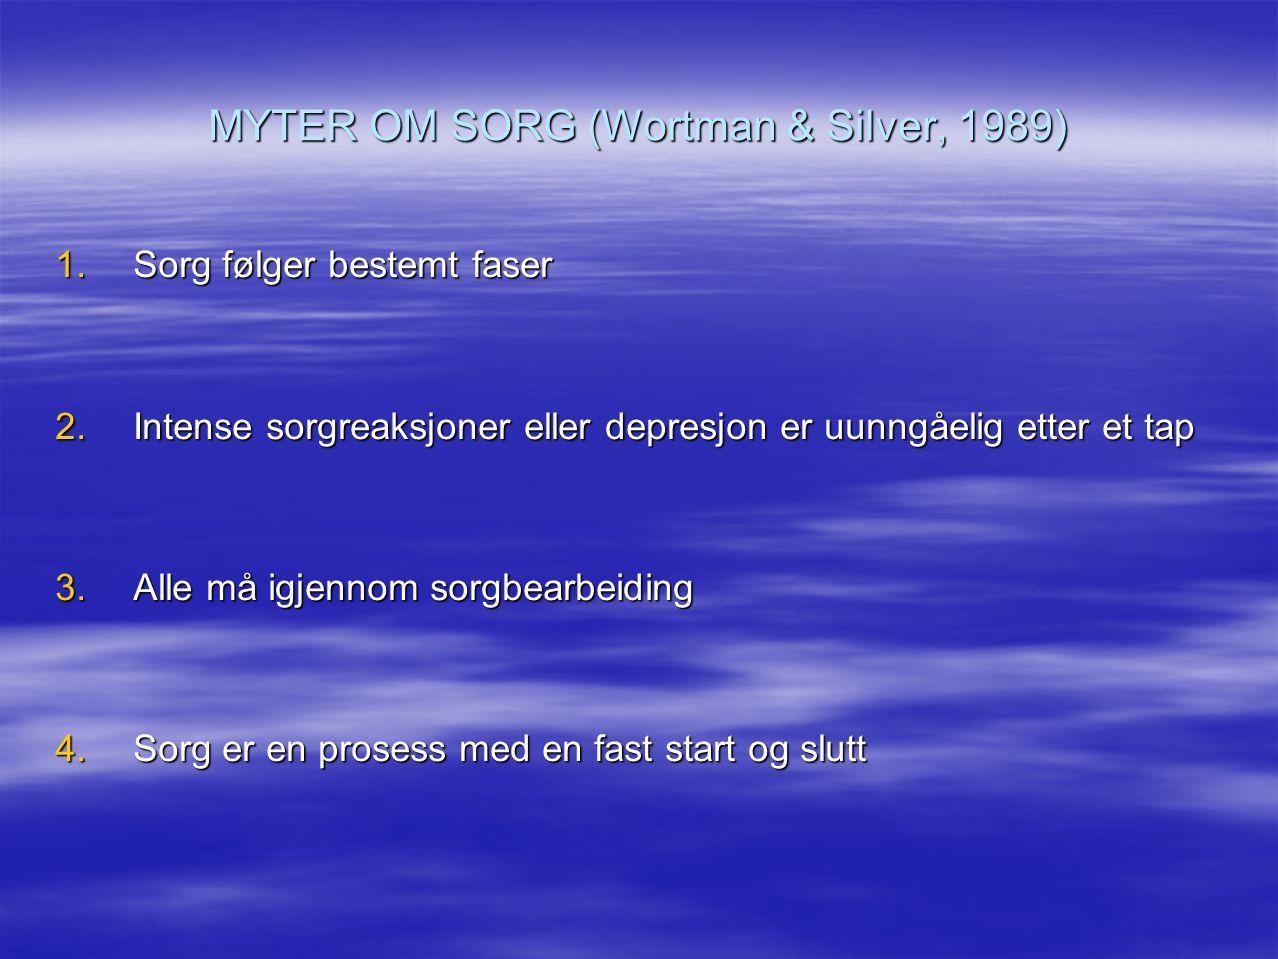 MYTER OM SORG (Wortman & Silver, 1989) 1.Sorg følger bestemt faser 2.Intense sorgreaksjoner eller depresjon er uunngåelig etter et tap 3.Alle må igjen